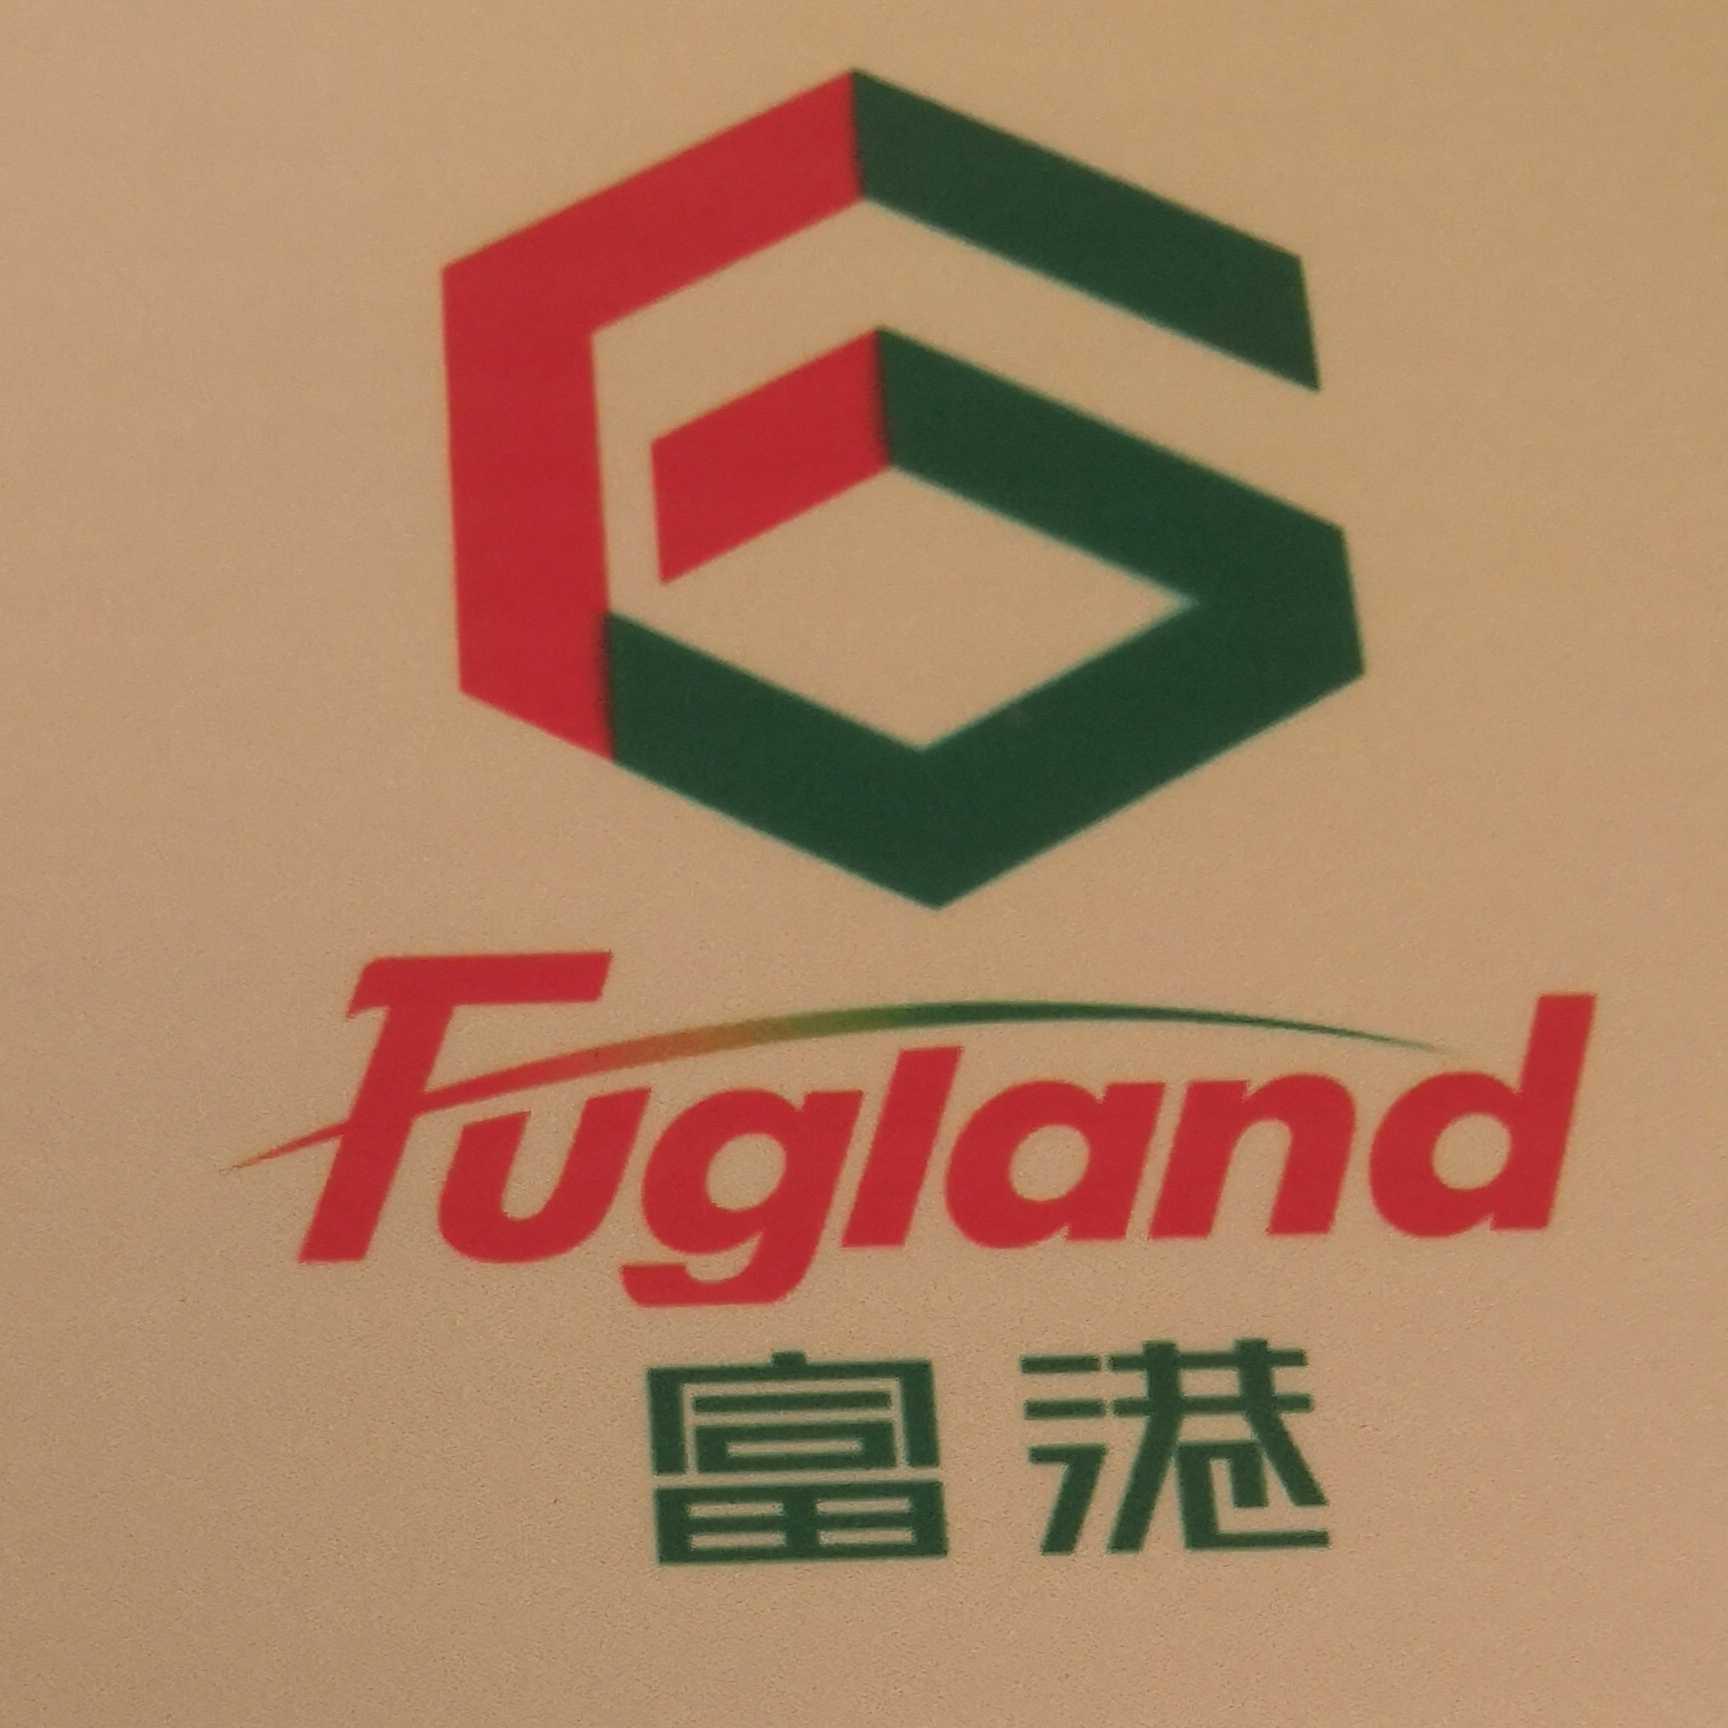 广东富港物业服务有限公司广州分公司